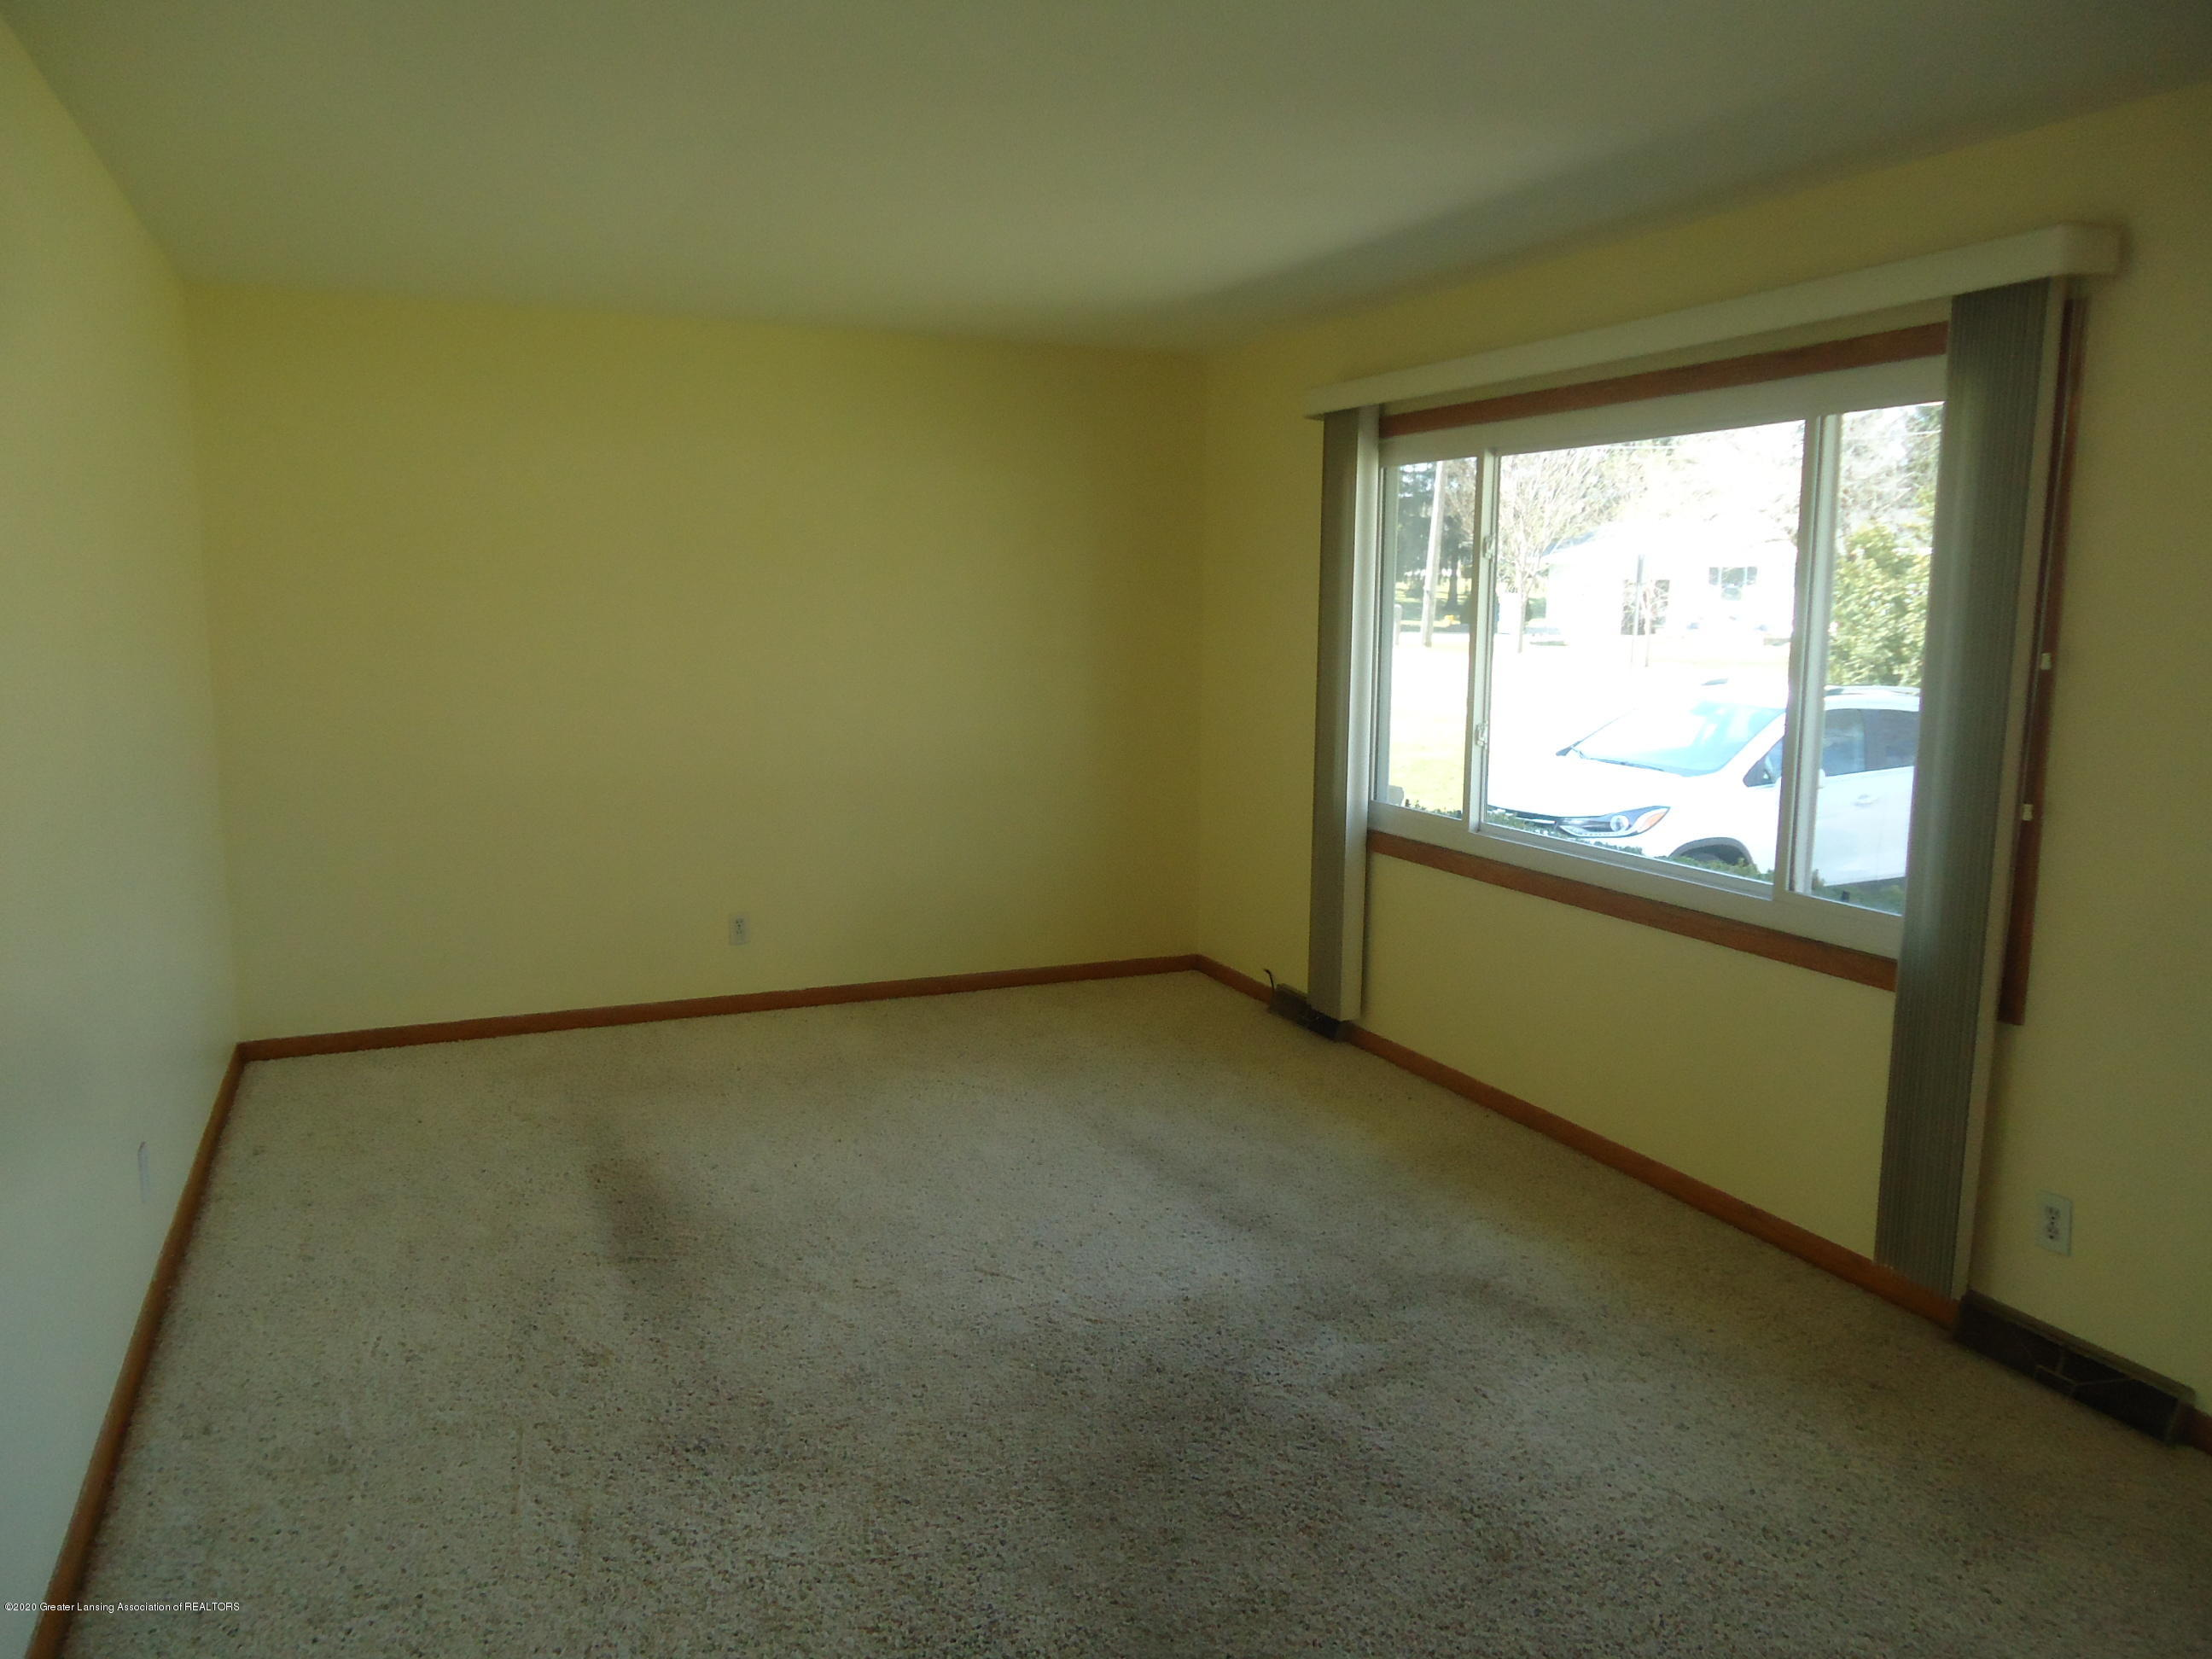 745 Cherry St - 4 living room - 4